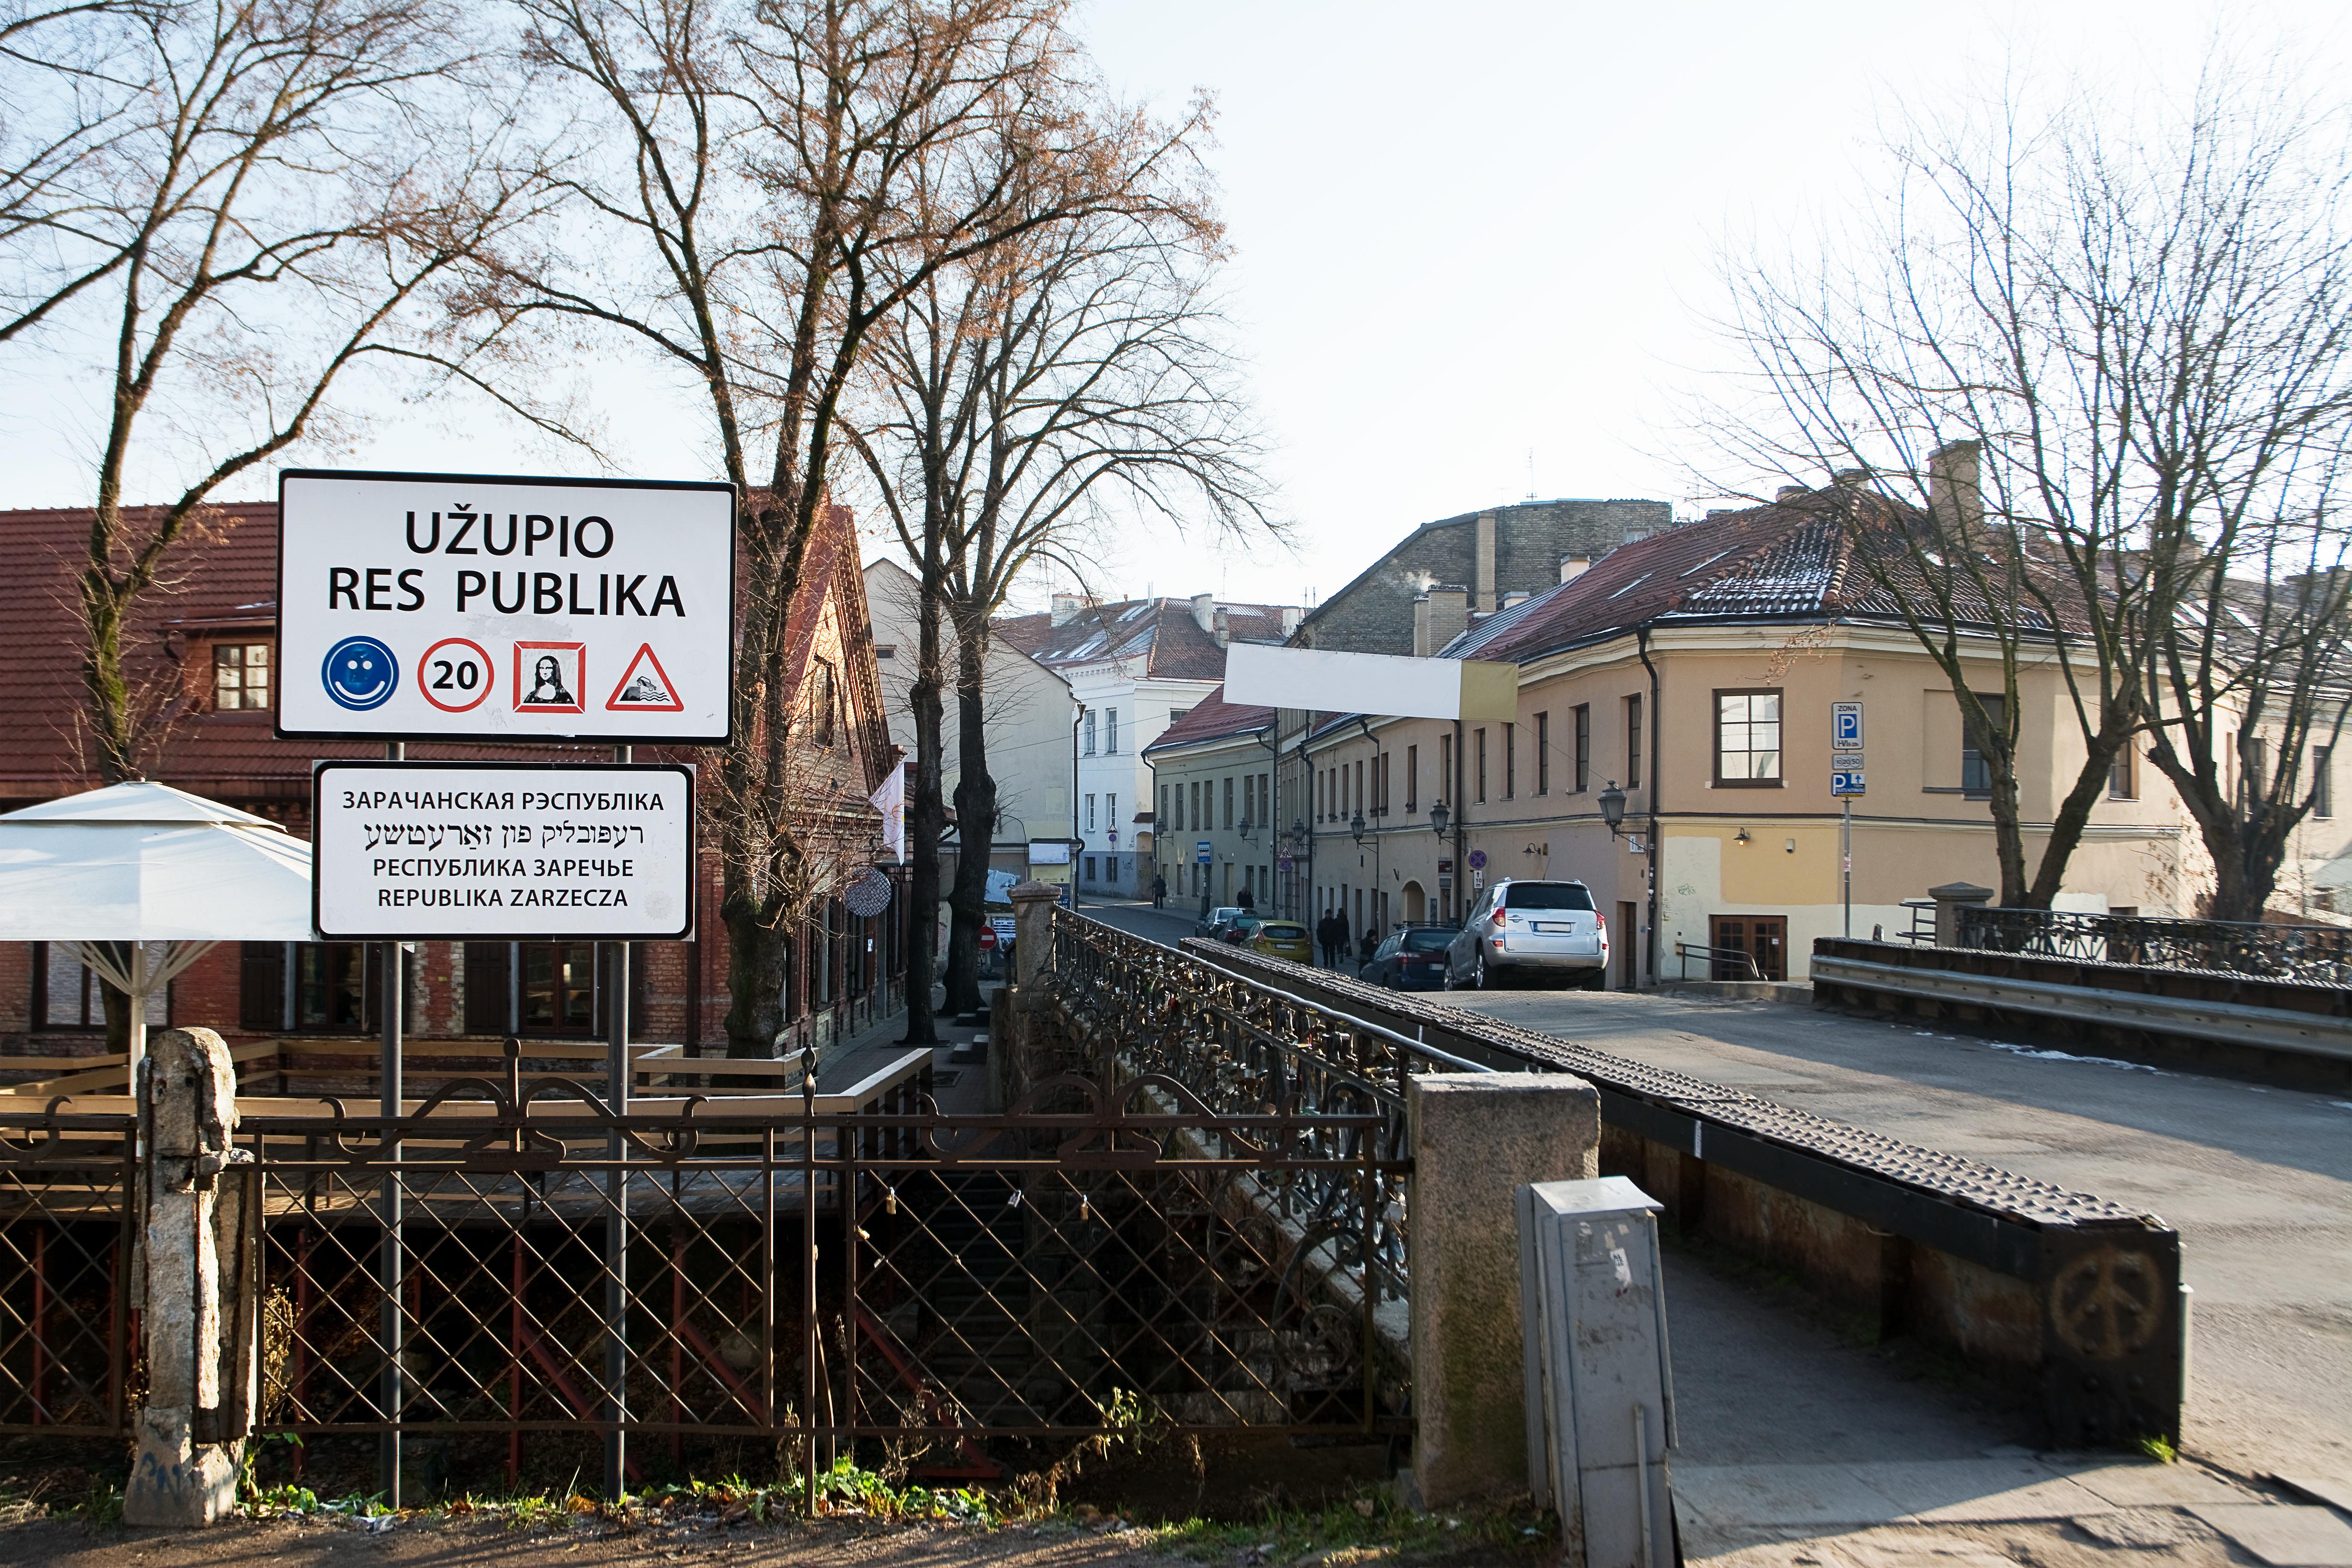 Un paseo por el barrio más bohemio de Vilnius, Uzupis - Dinamarca Circuito Repúblicas Bálticas y Capitales Nórdicas